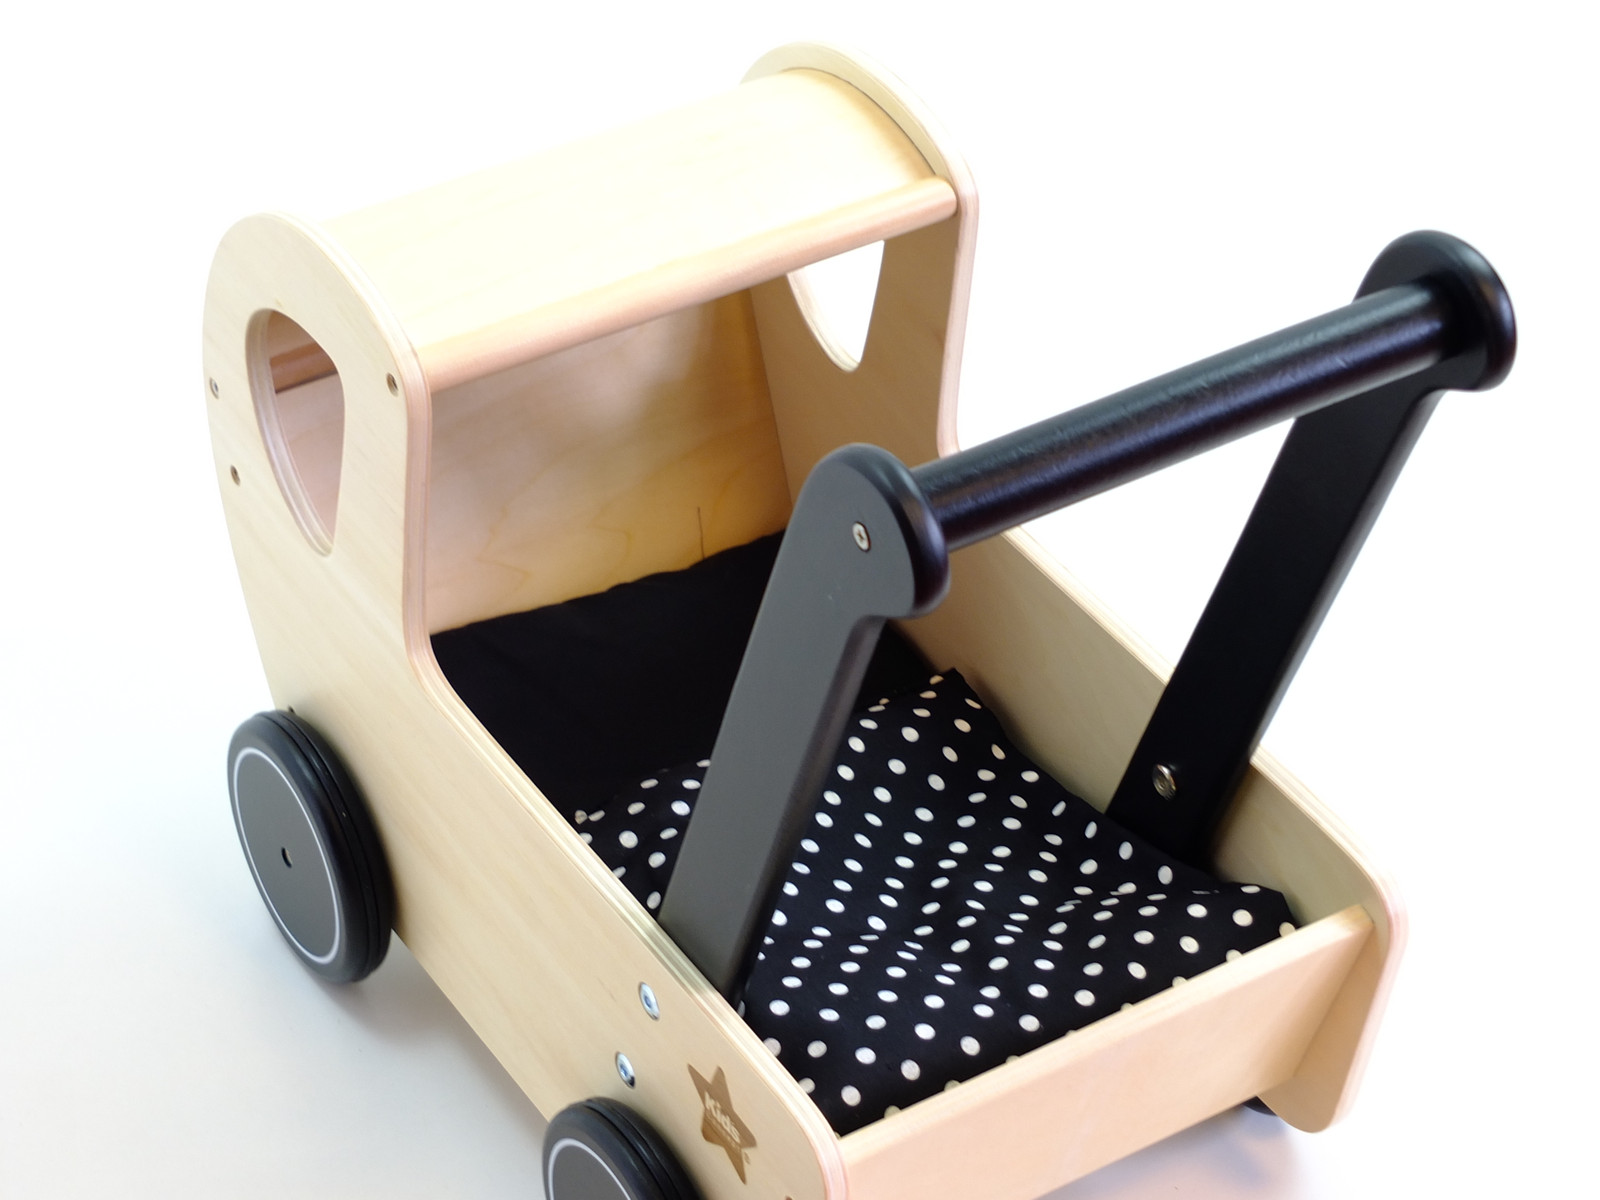 toller kleiner puppenwagen mit schwarzem griff und schwarzen reifen lauflernwagen aus holz. Black Bedroom Furniture Sets. Home Design Ideas